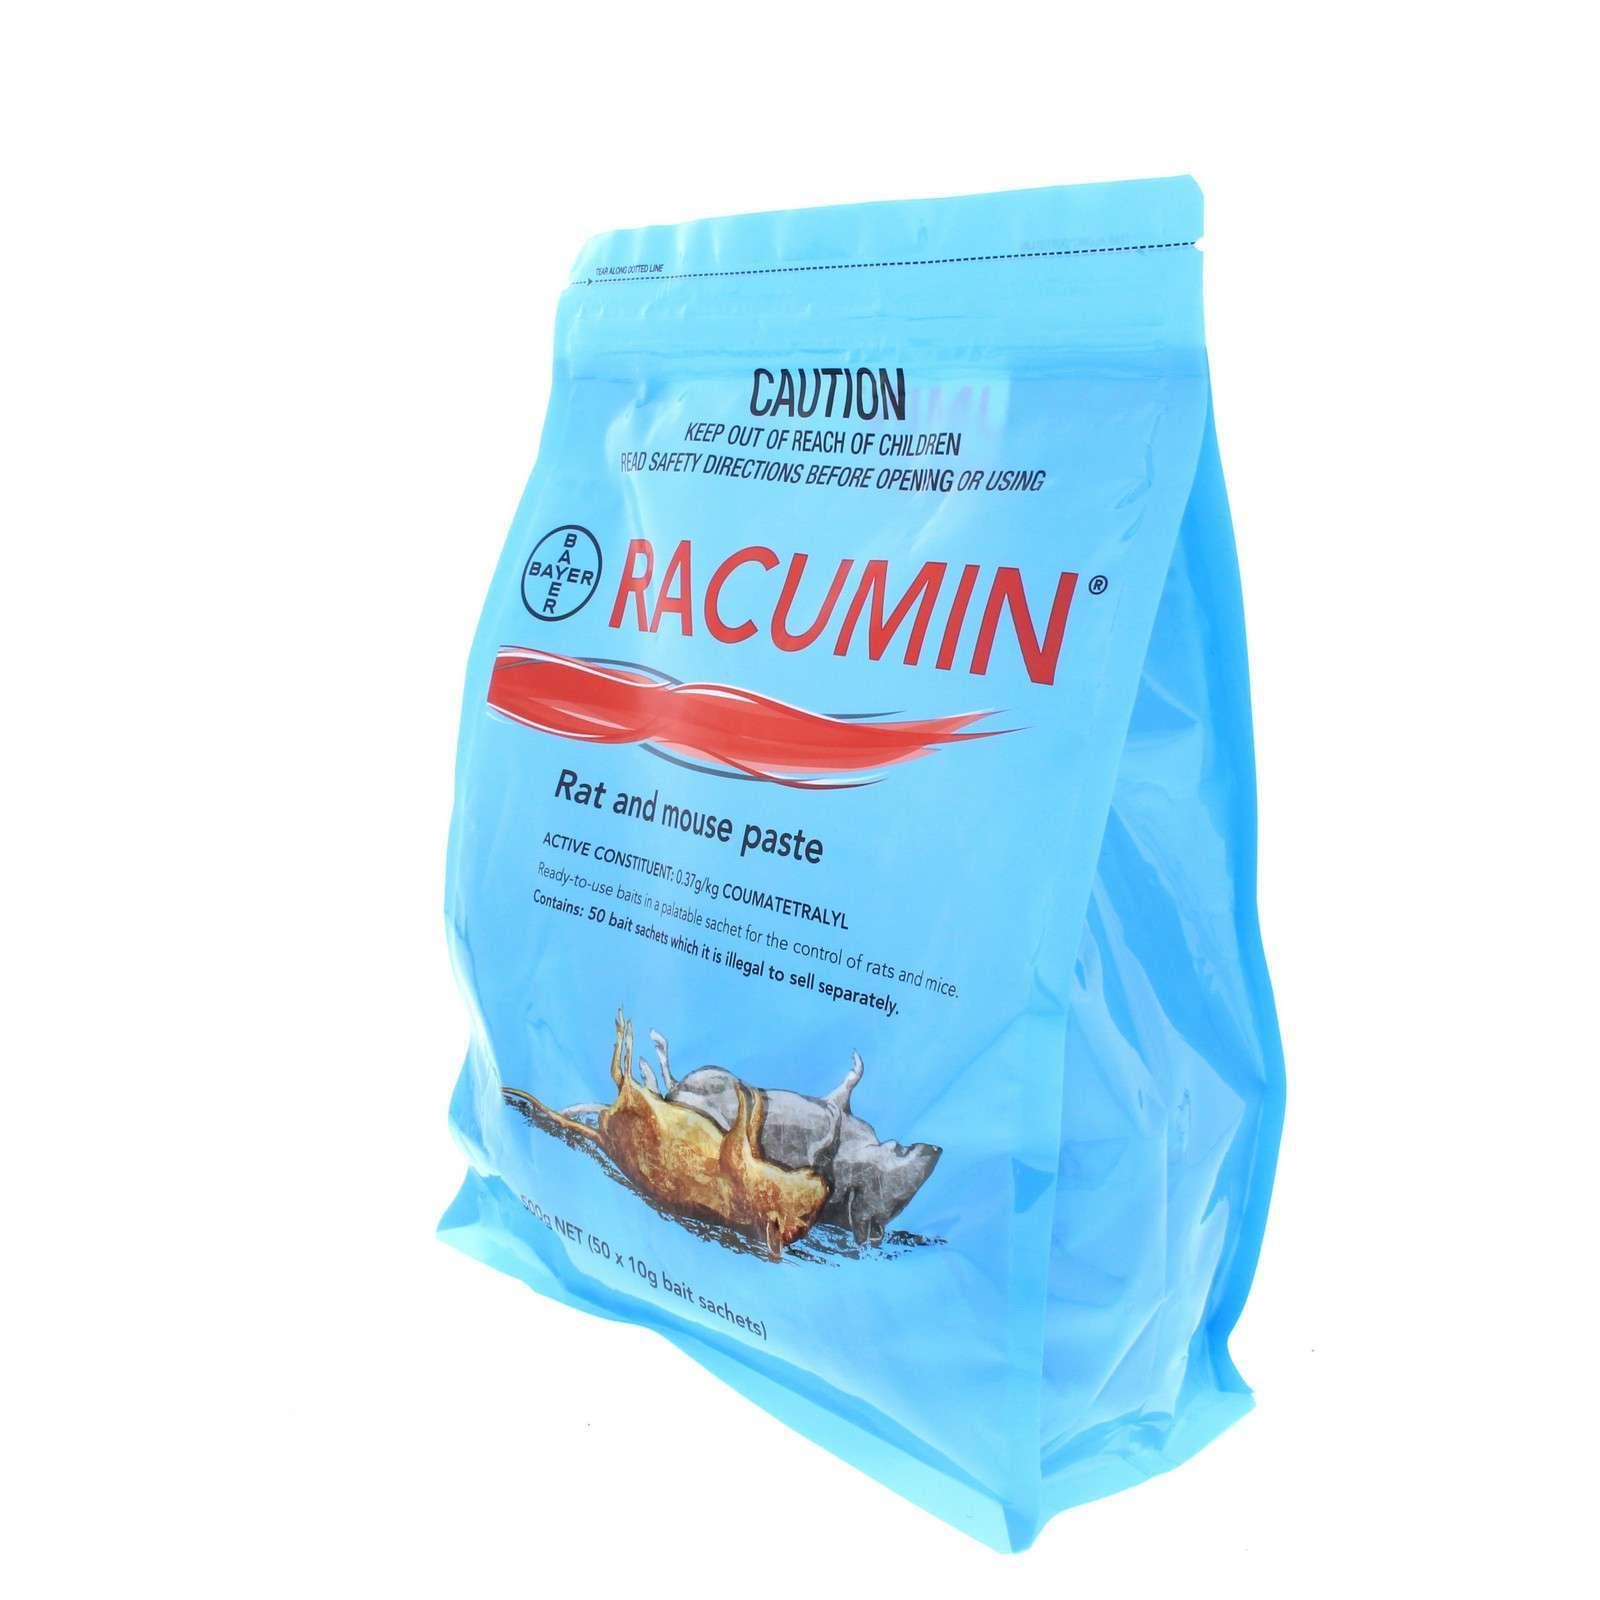 Racumin Rat and Mouse Paste Bait 50 Sachets Coumatetralyl